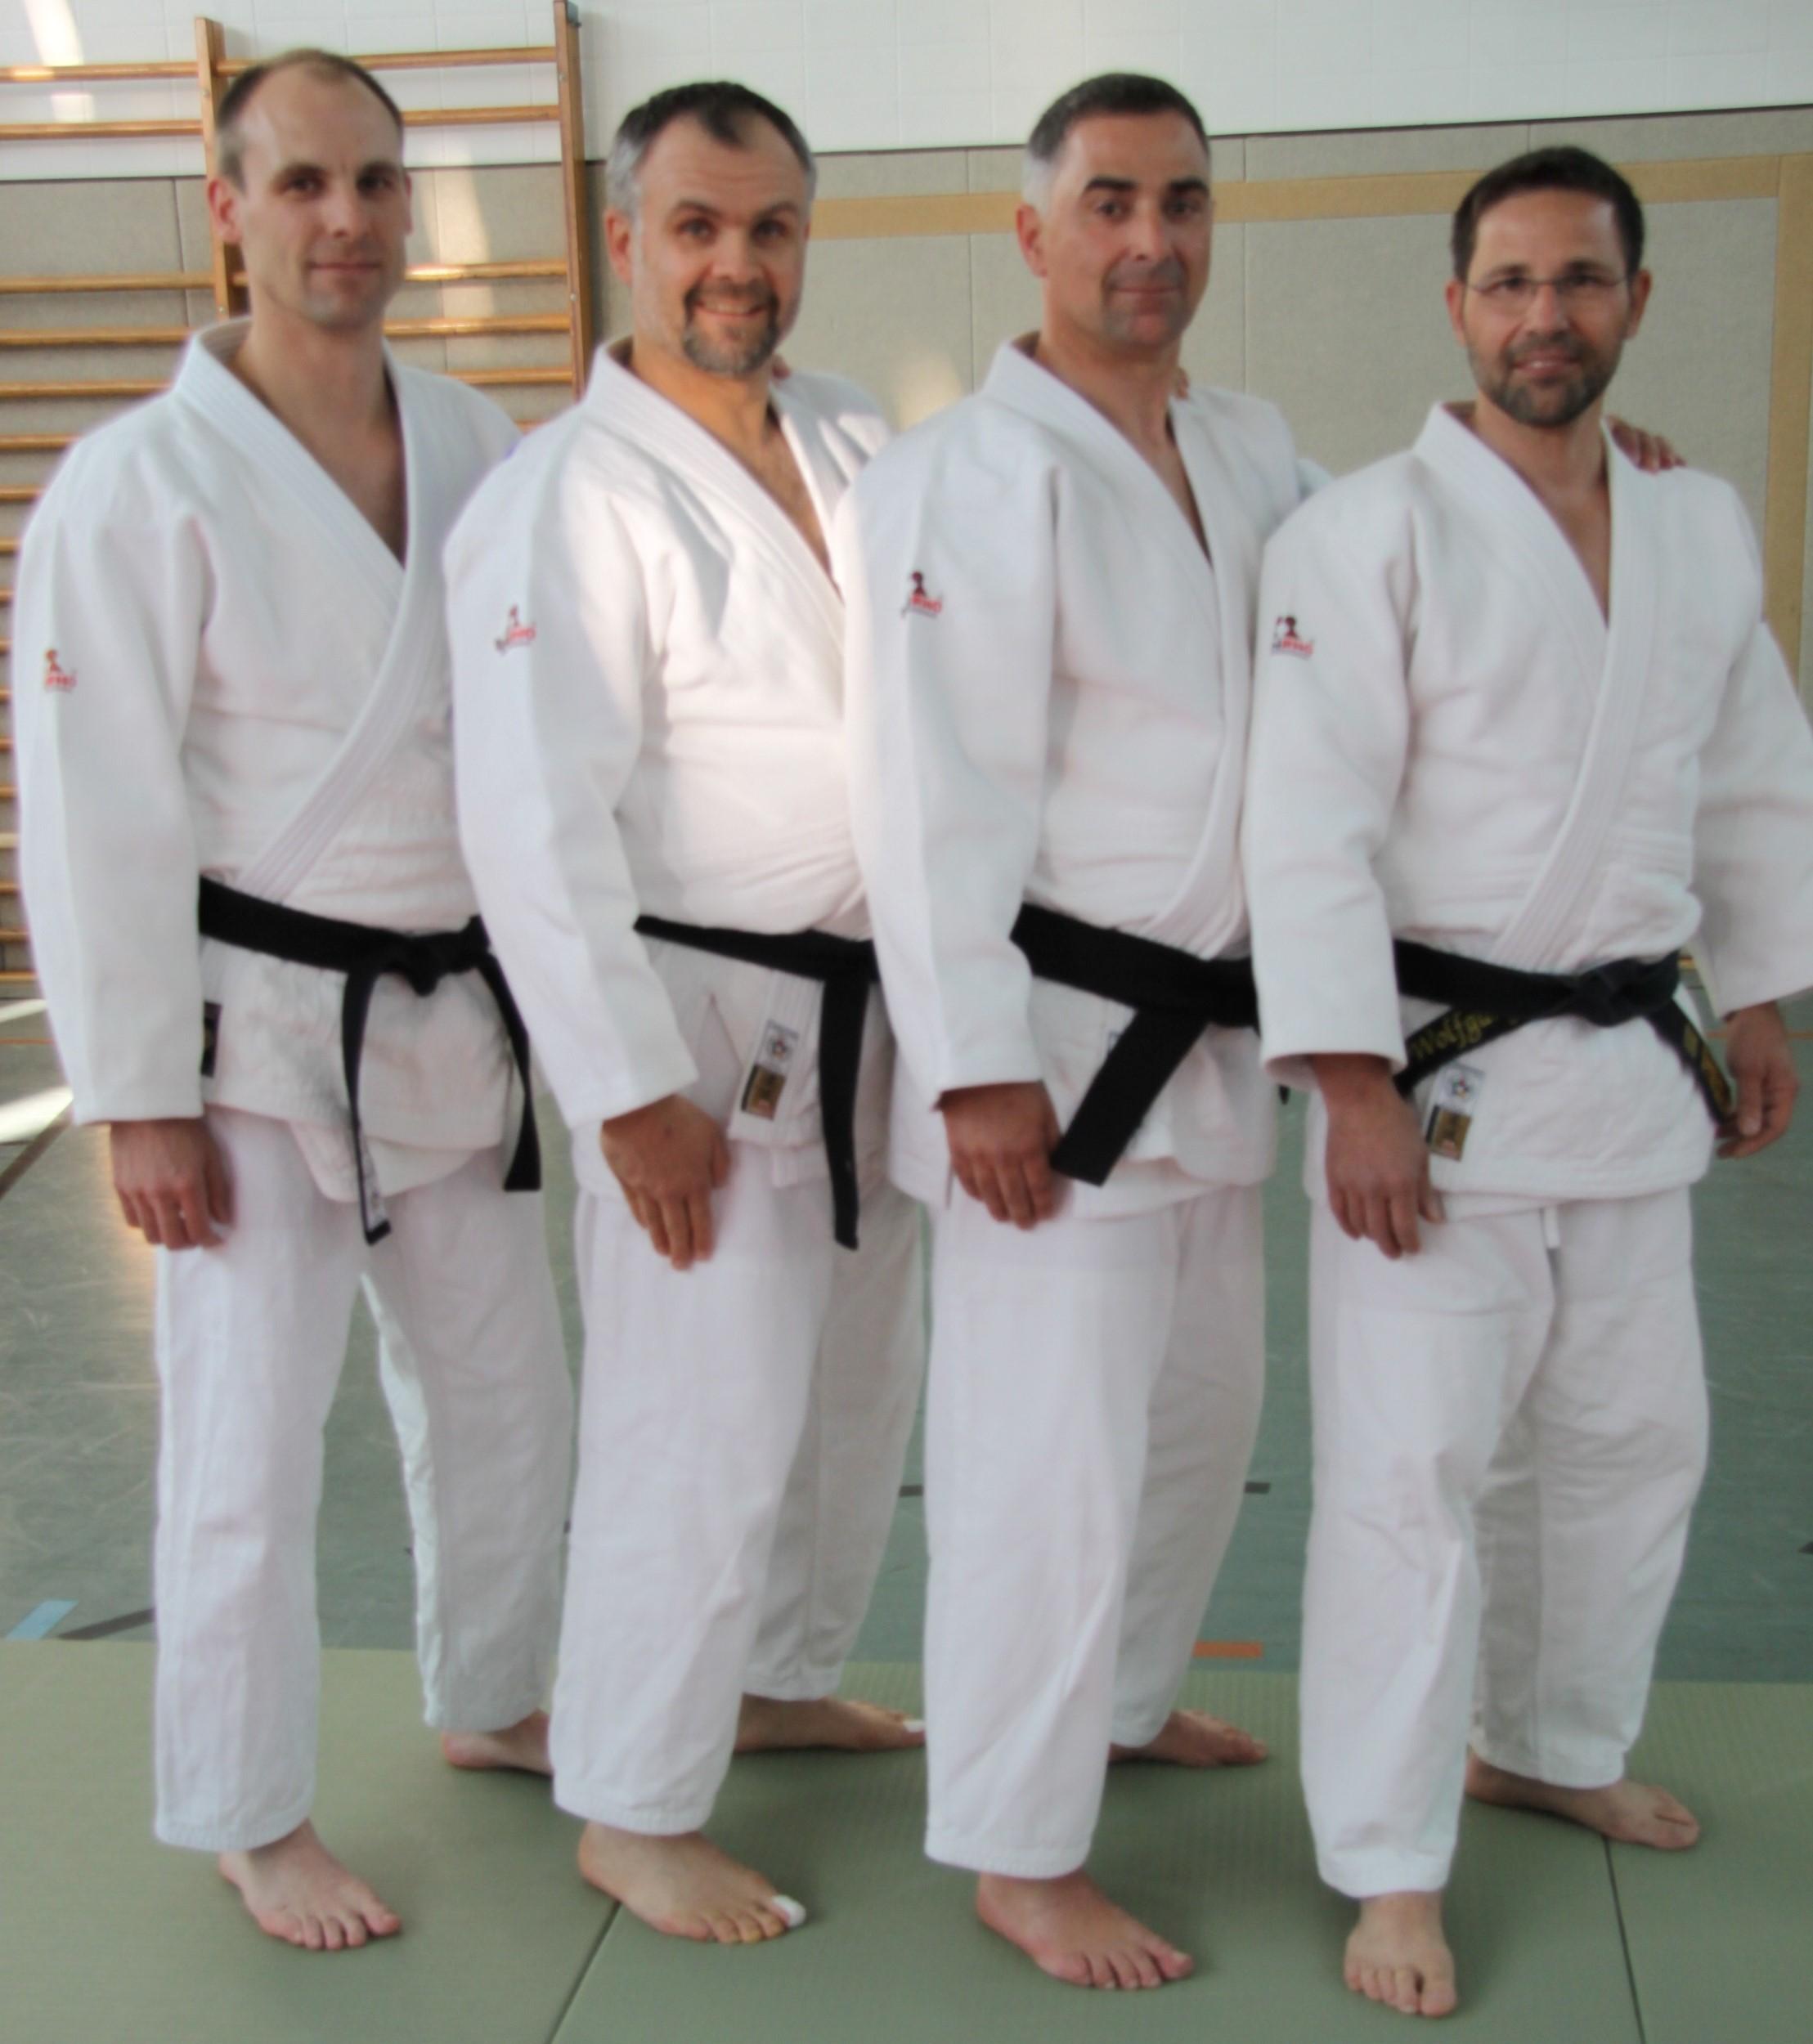 Lippstädter Judoka bei den deutschen Meisterschaften dabei.